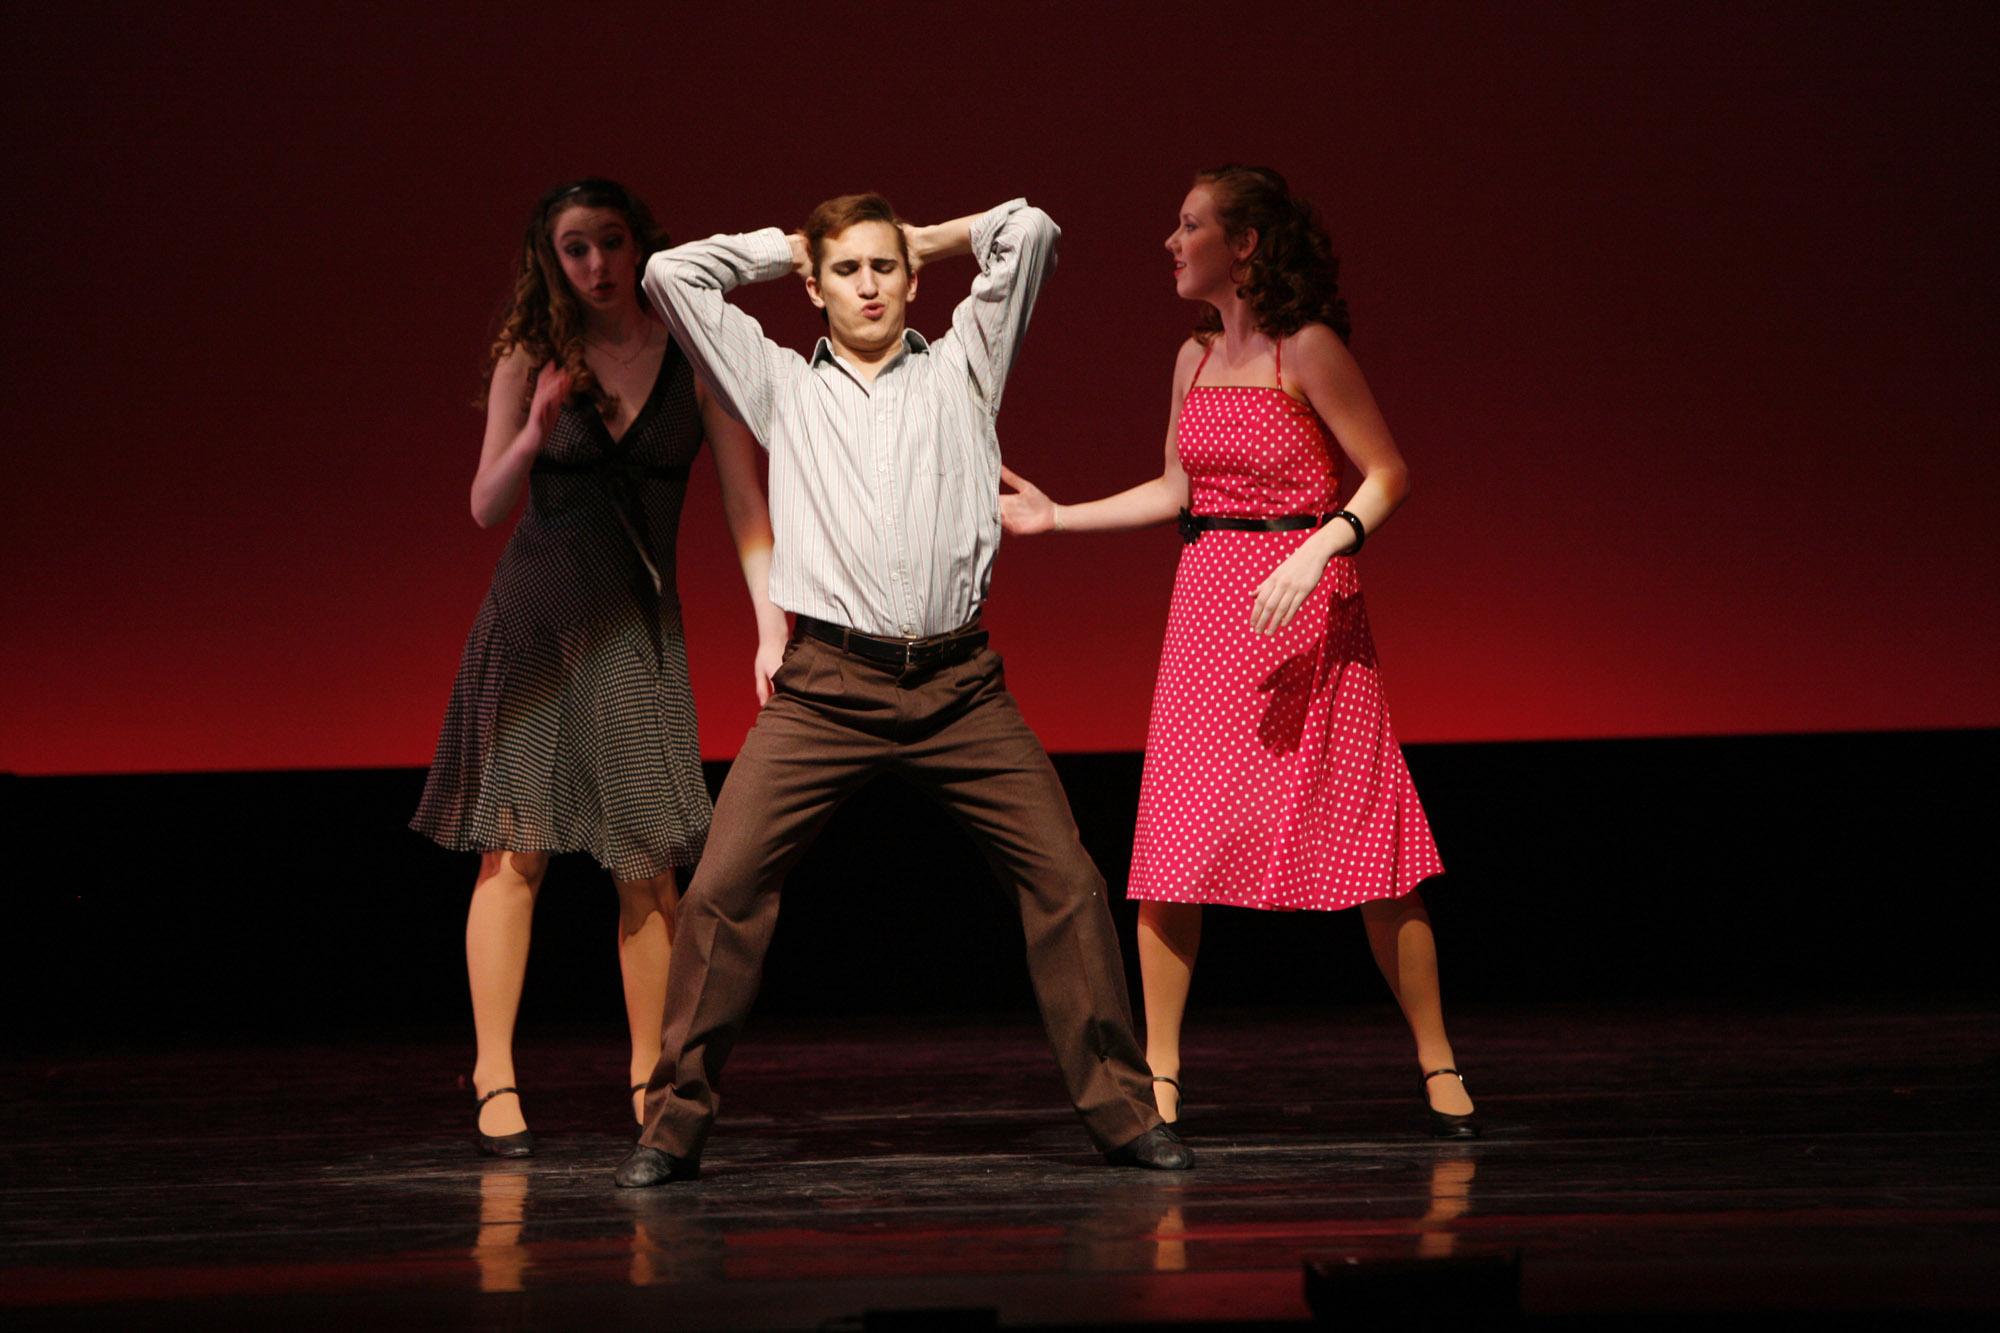 usa dance